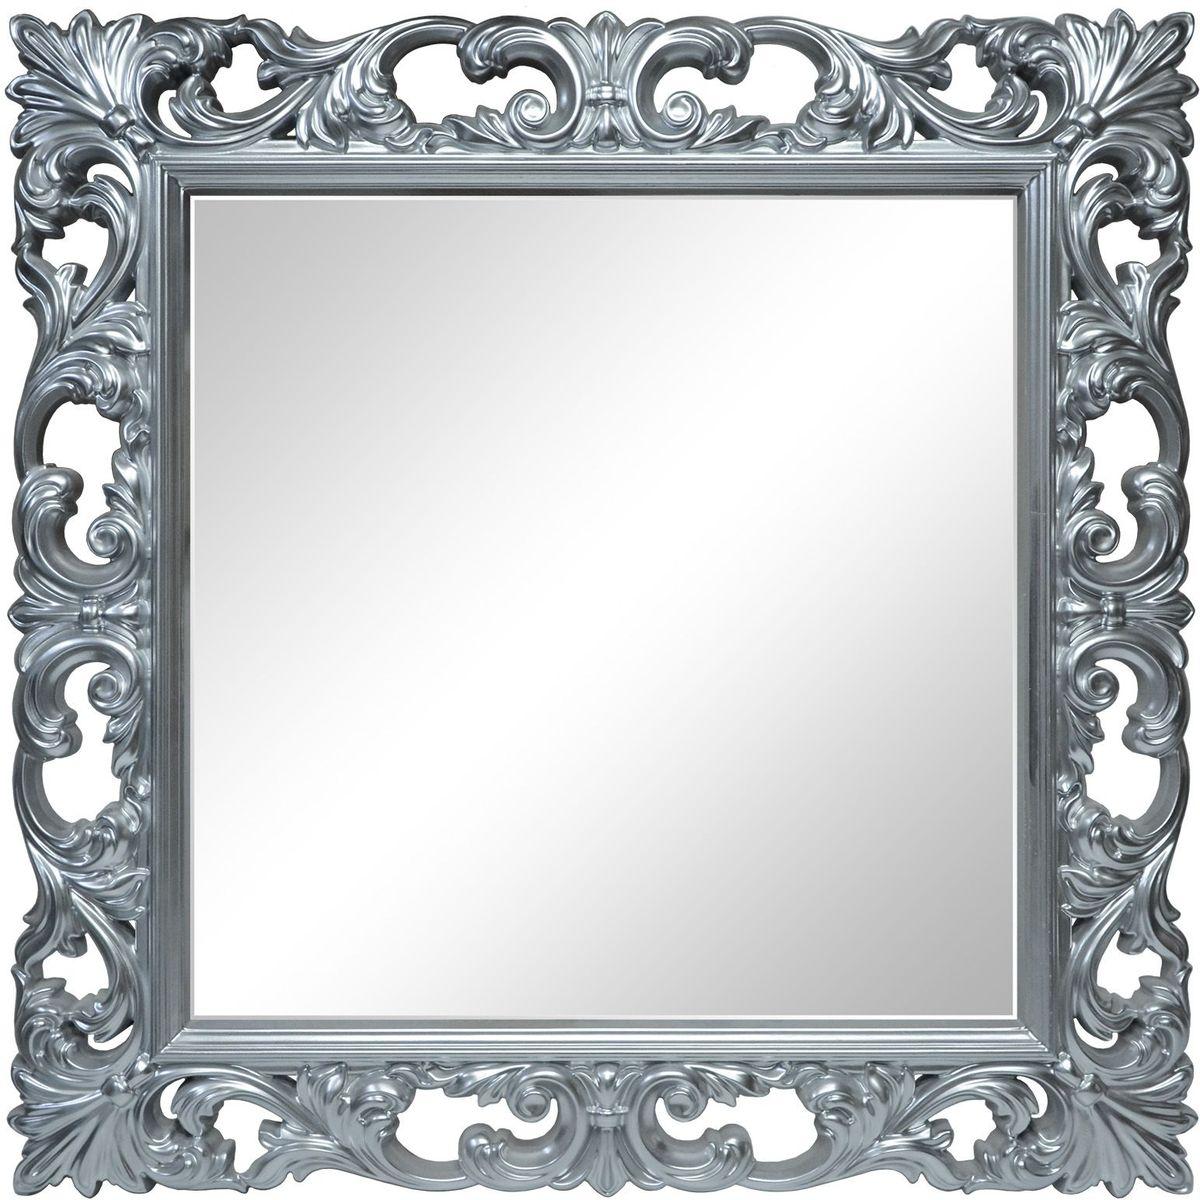 Зеркало VezzoLLi Нованто, цвет: серый металлик, 90 х 90 см25-74Подвесы в комплекте. Видимый размер зеркала 63х63 см. Ширина обрамления 13,5 см.